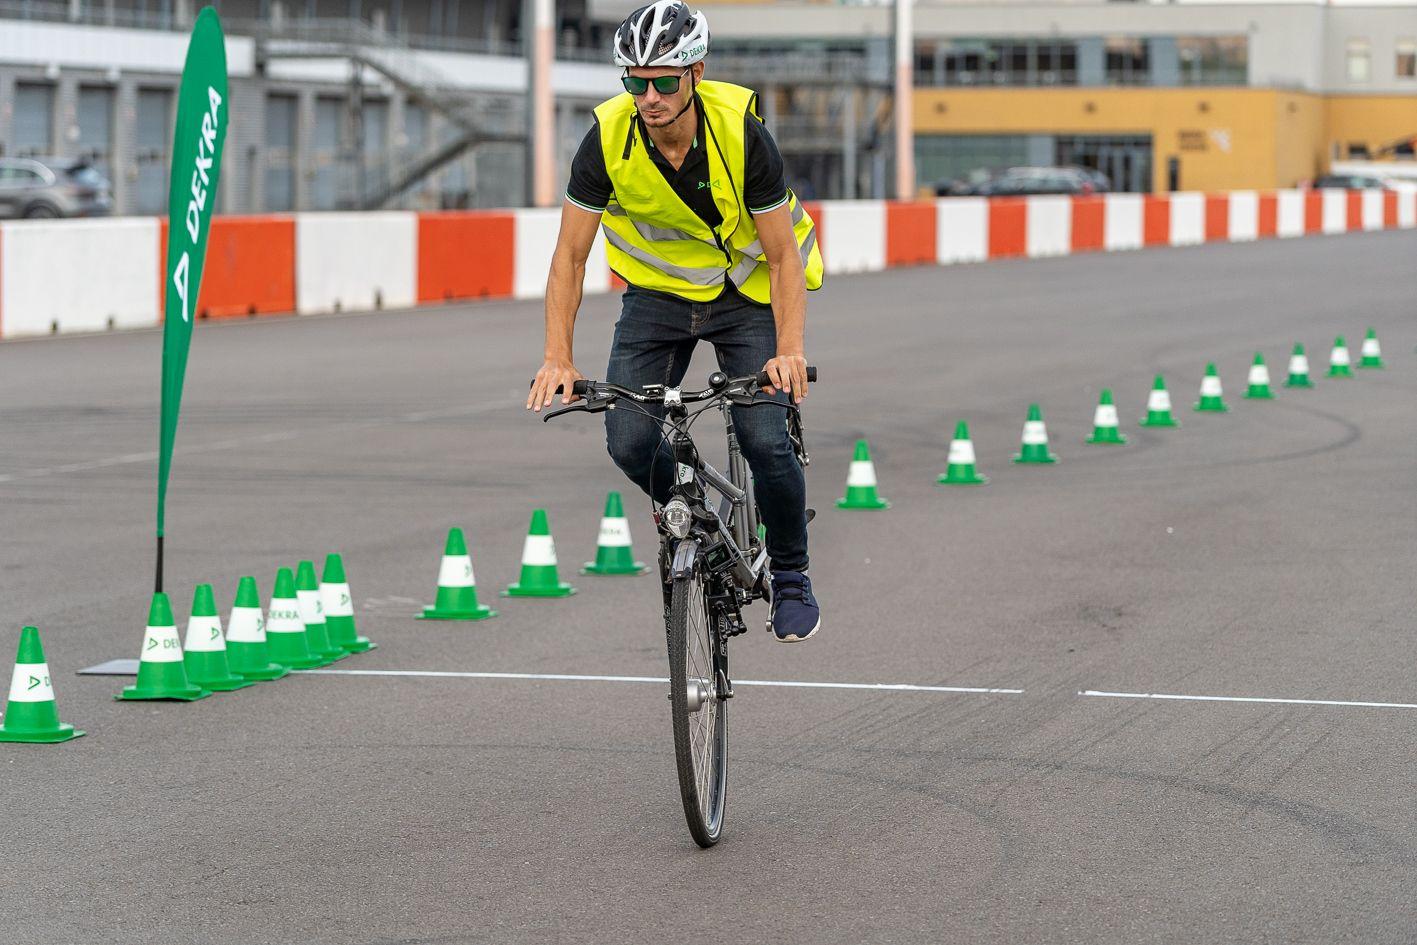 Test auf trockener Fahrbahn mit einem Fahrrad mit Felgenbremse. Foto: DEKRA